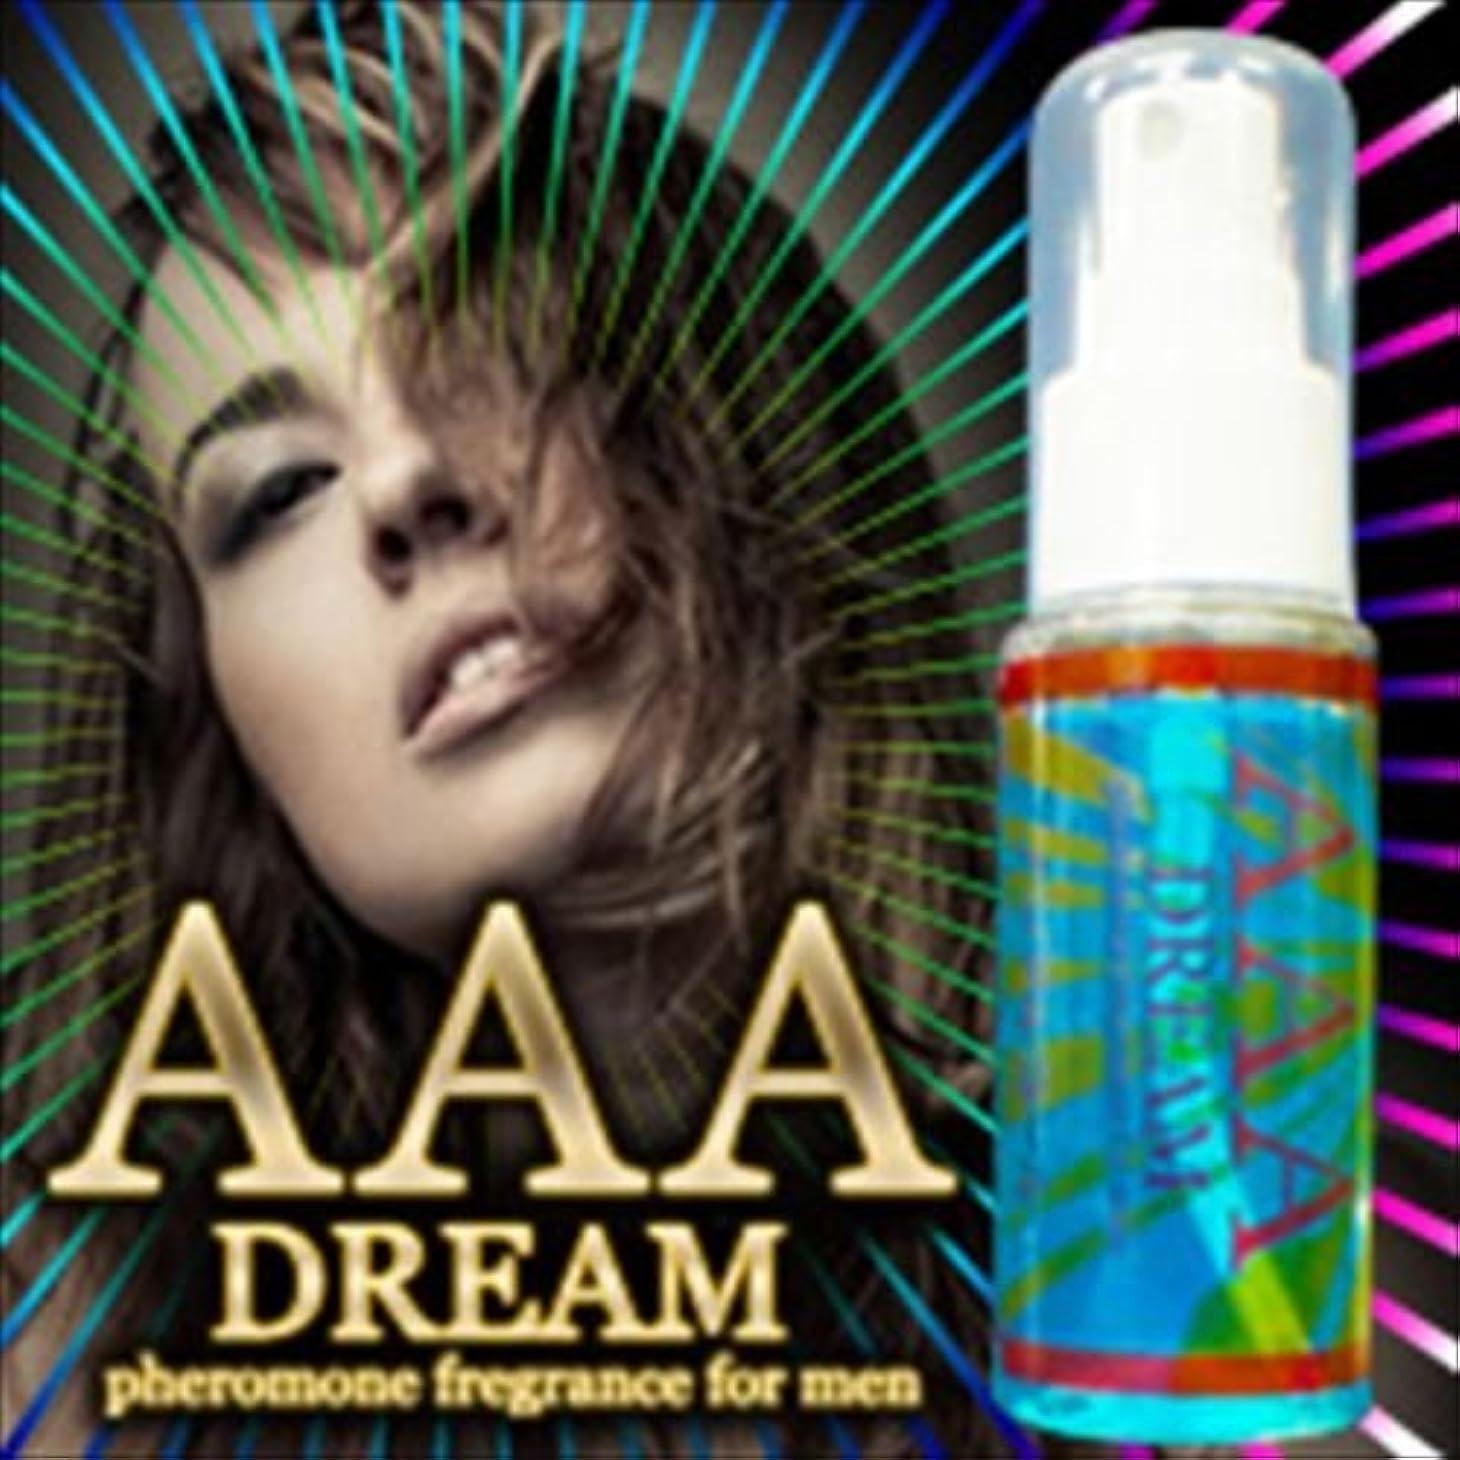 シャンプー科学どちらかAAA(トリプルエー)DREAM 【ノンアルコール】<30ml>